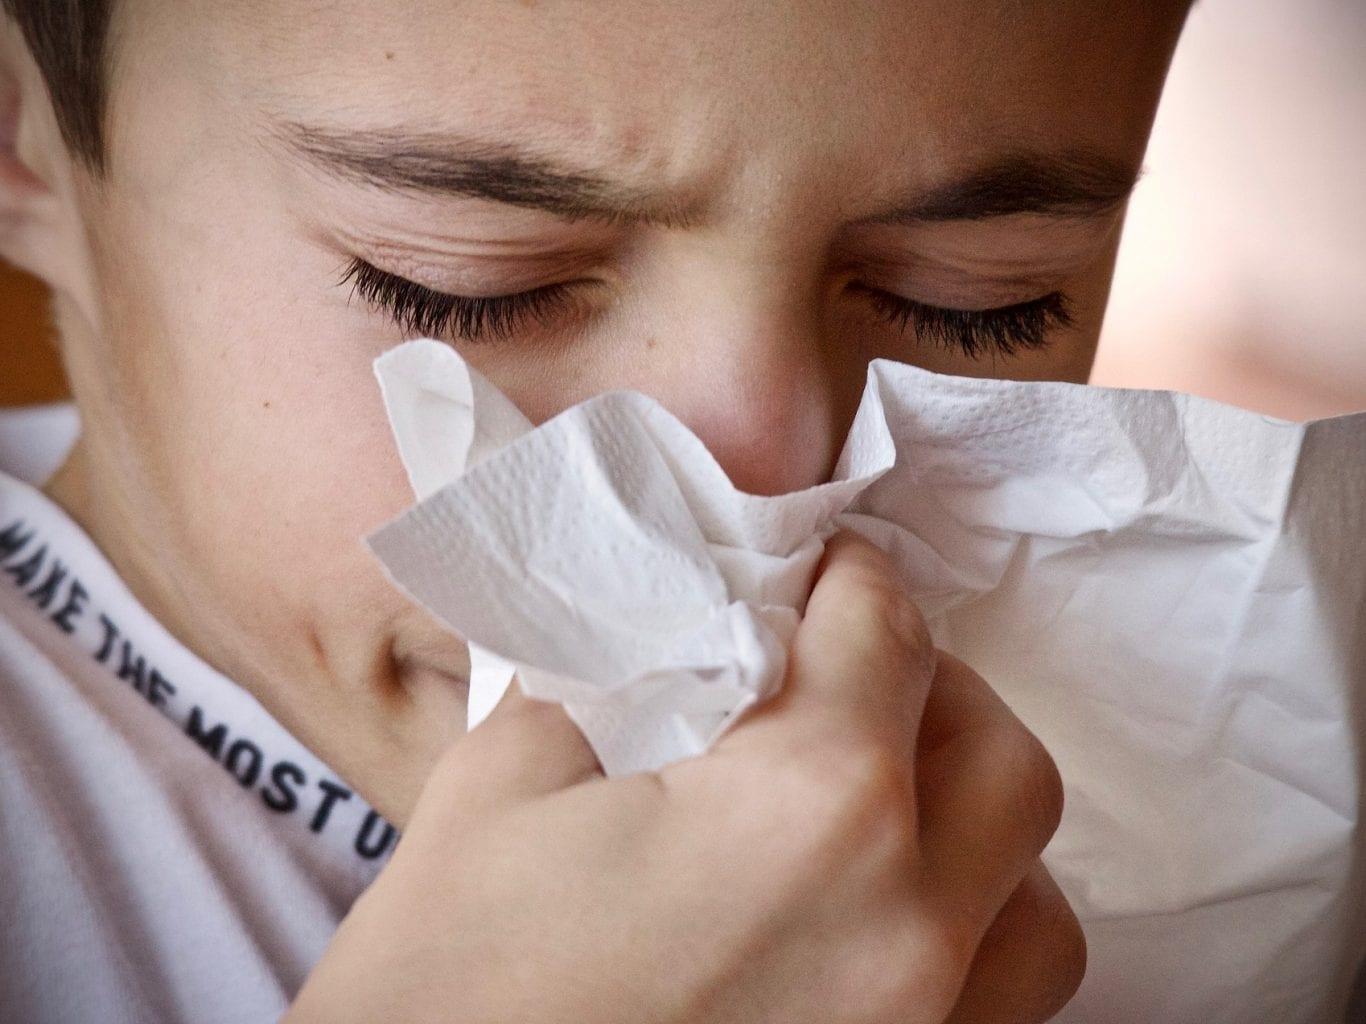 טיפול אלרגיה בילדים ברפואה סינית